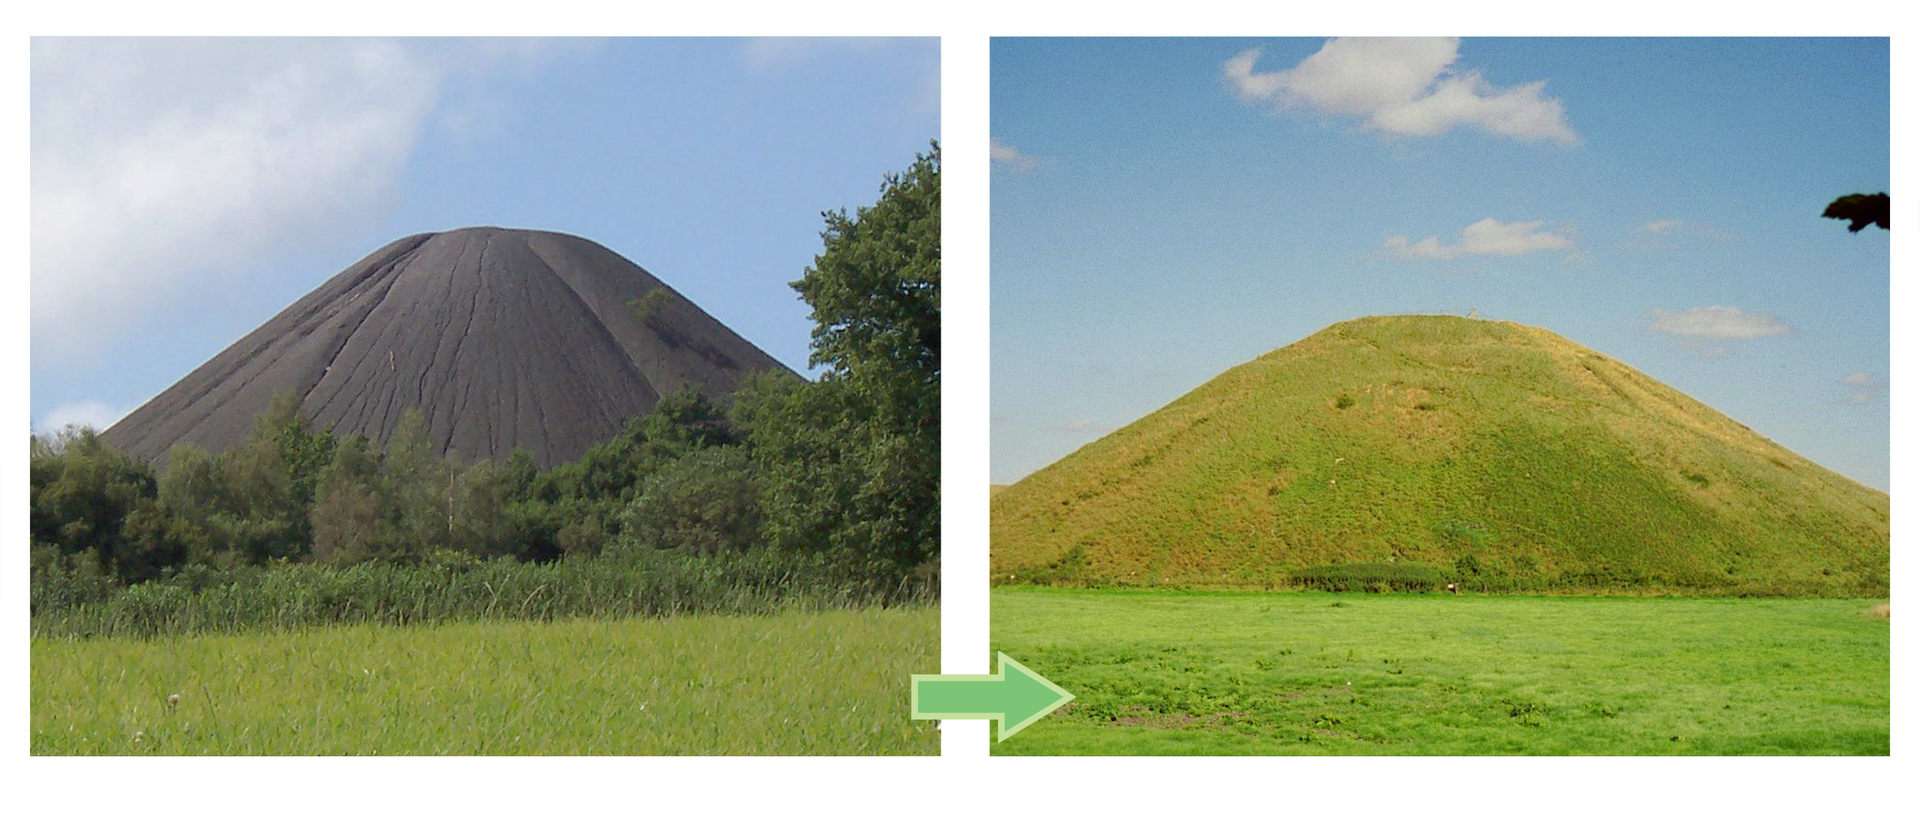 Fotografia po lewej stronie ukazuje wysoka czarną hałdę. Obok fotografia tej samej hałdy porośnięta trawą iinnymi roślinami zielnymi.